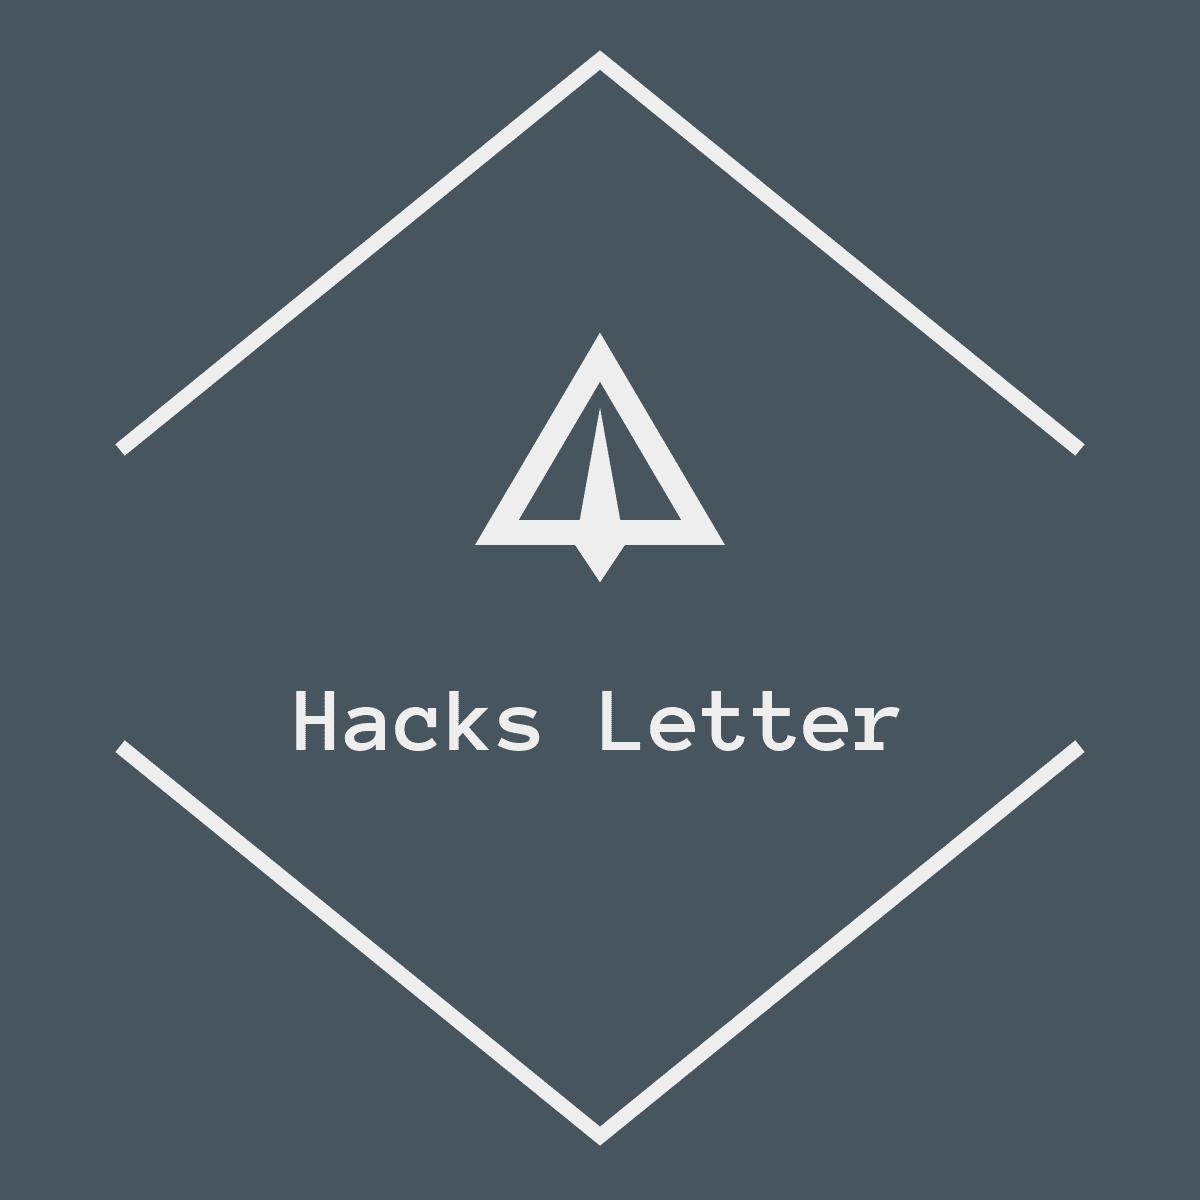 Beck's Hacks Letter